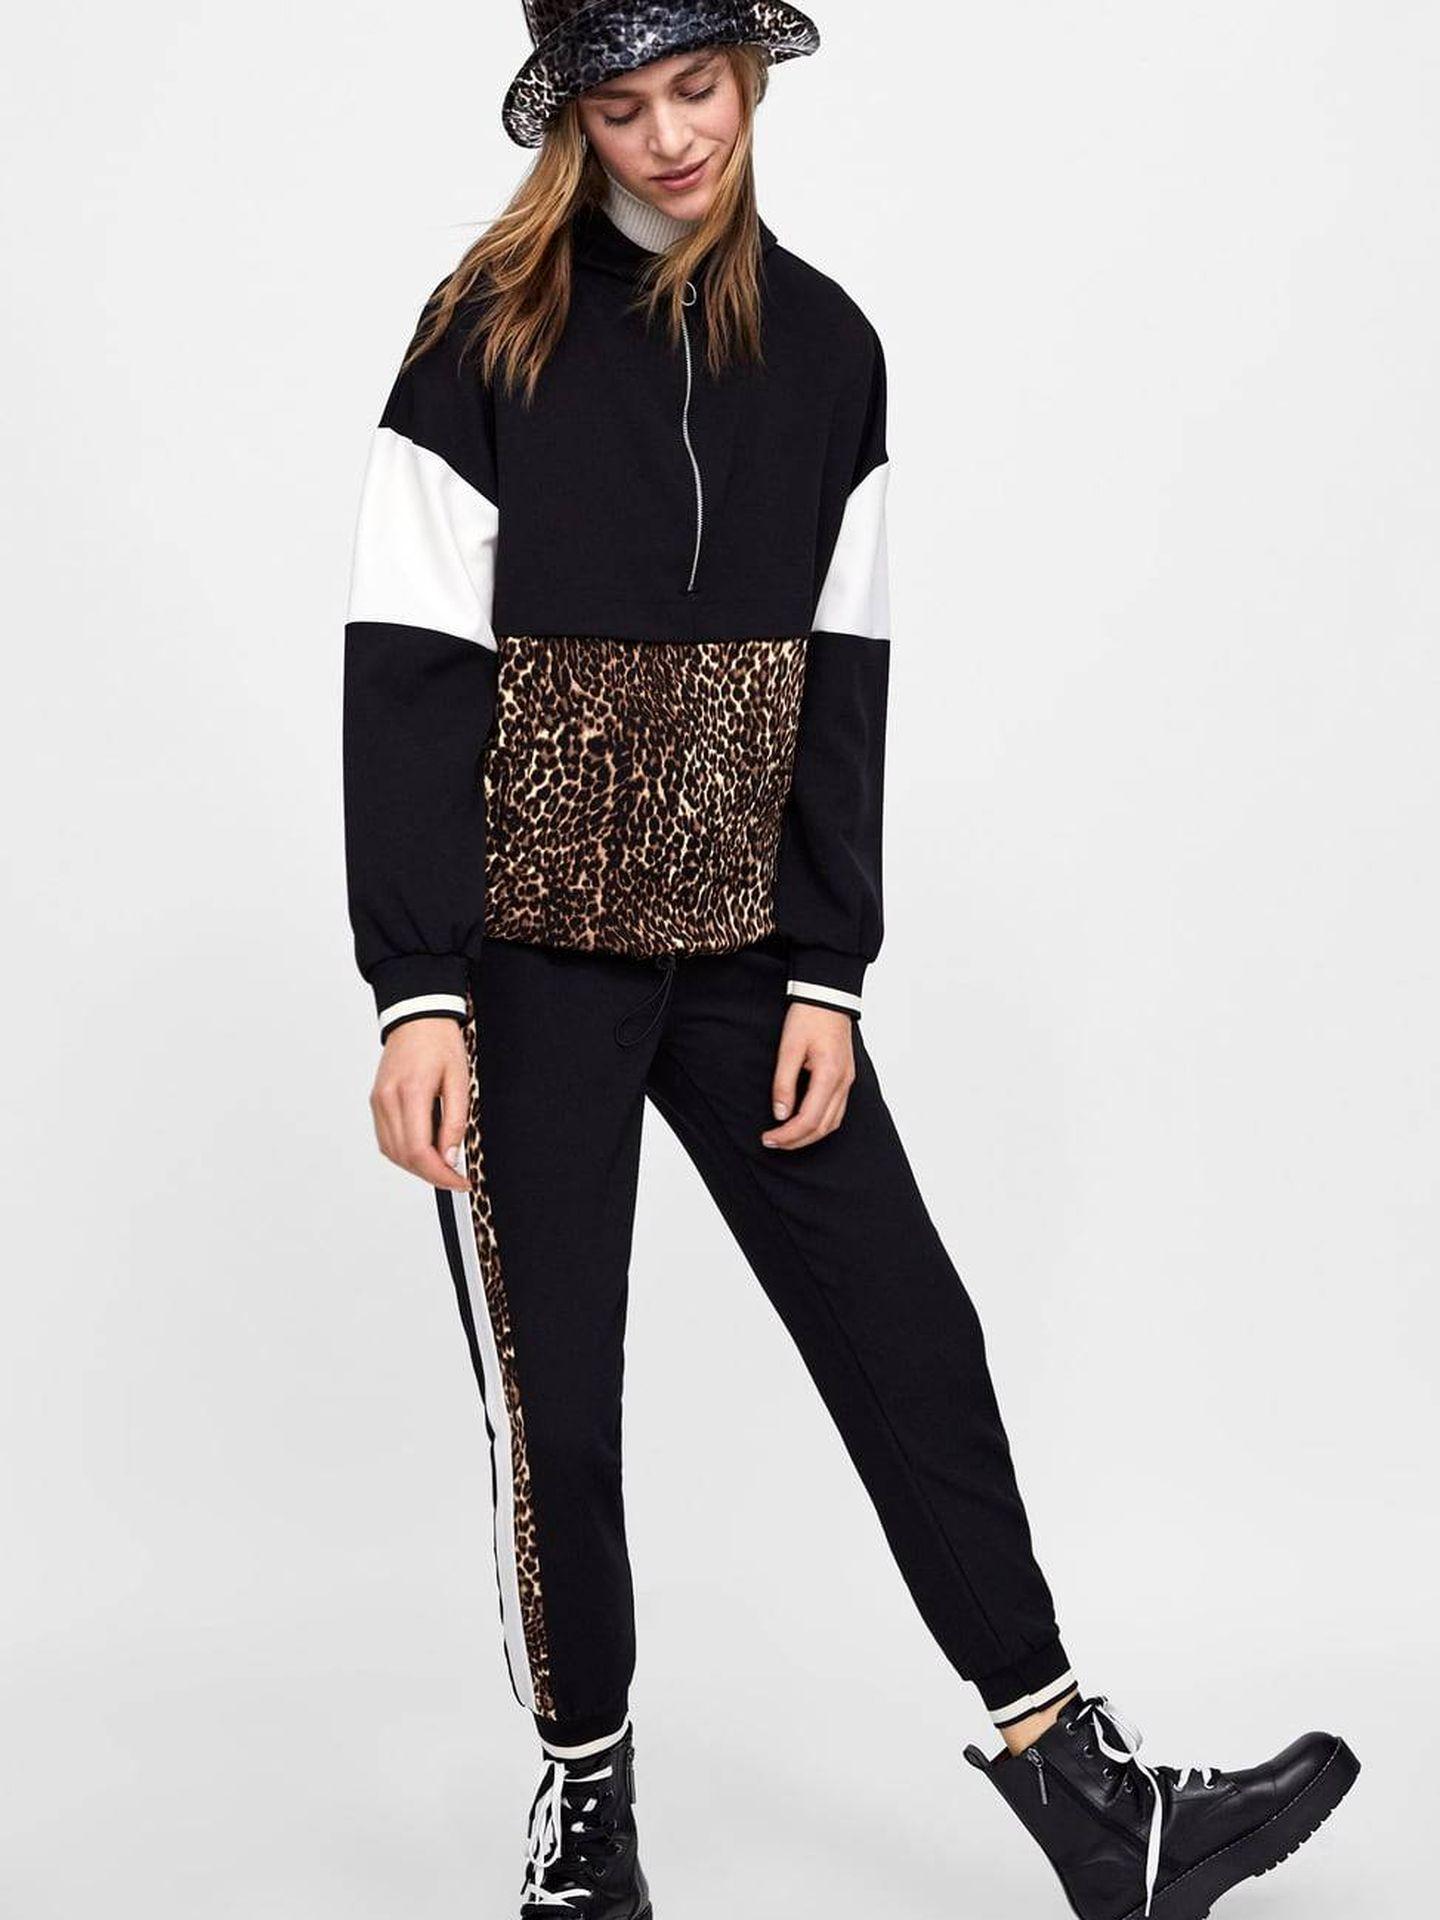 El chándal por Zara: chaqueta (29,95 €) y pantalón (22,95 €).